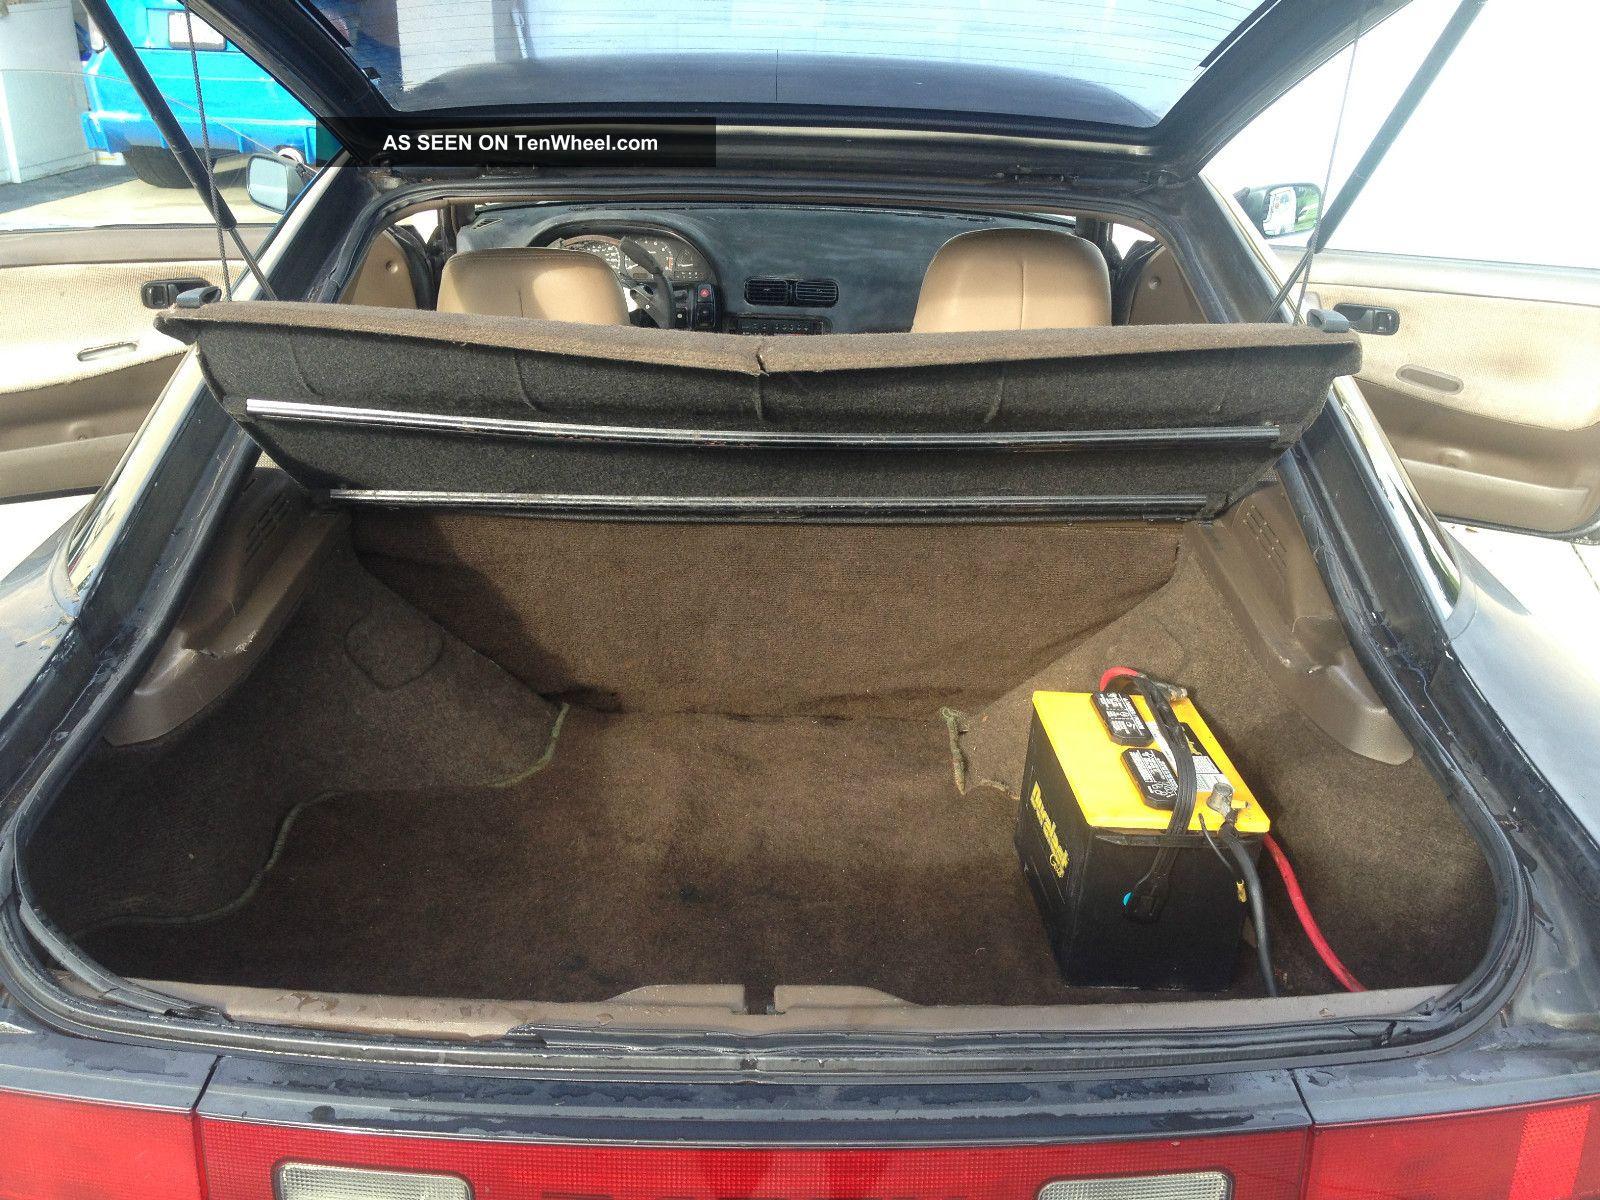 Nissan Sx S Hatchback Built Rb Det Rb Motor Swap Title Lgw on 1992 Acura Integra Hatchback